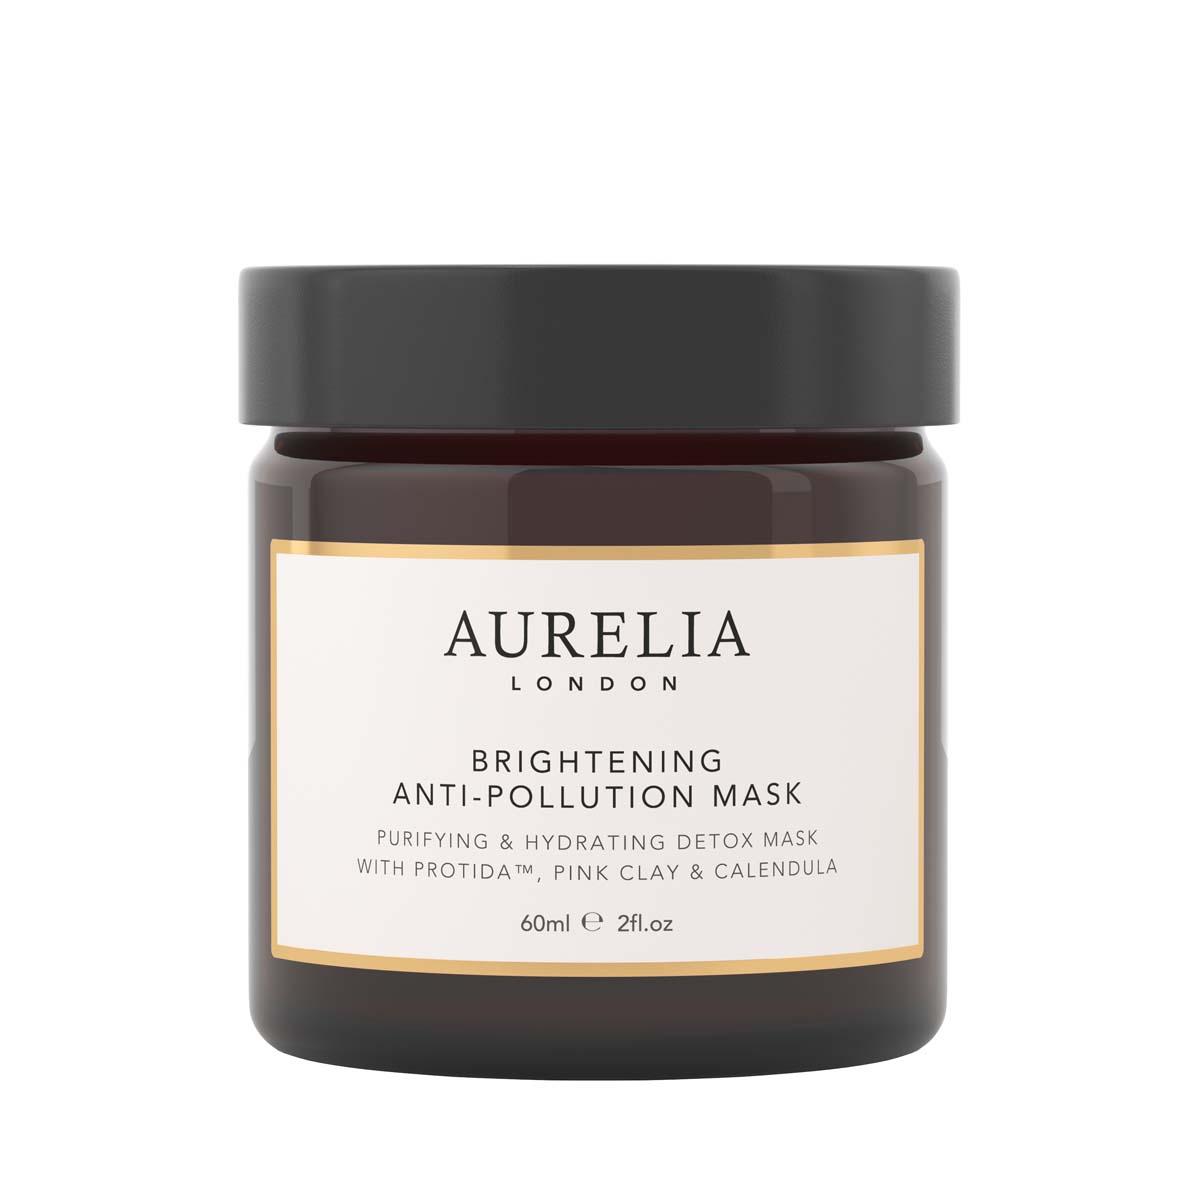 Aurelia 益生菌亮肤抗污染修护面膜 60ml